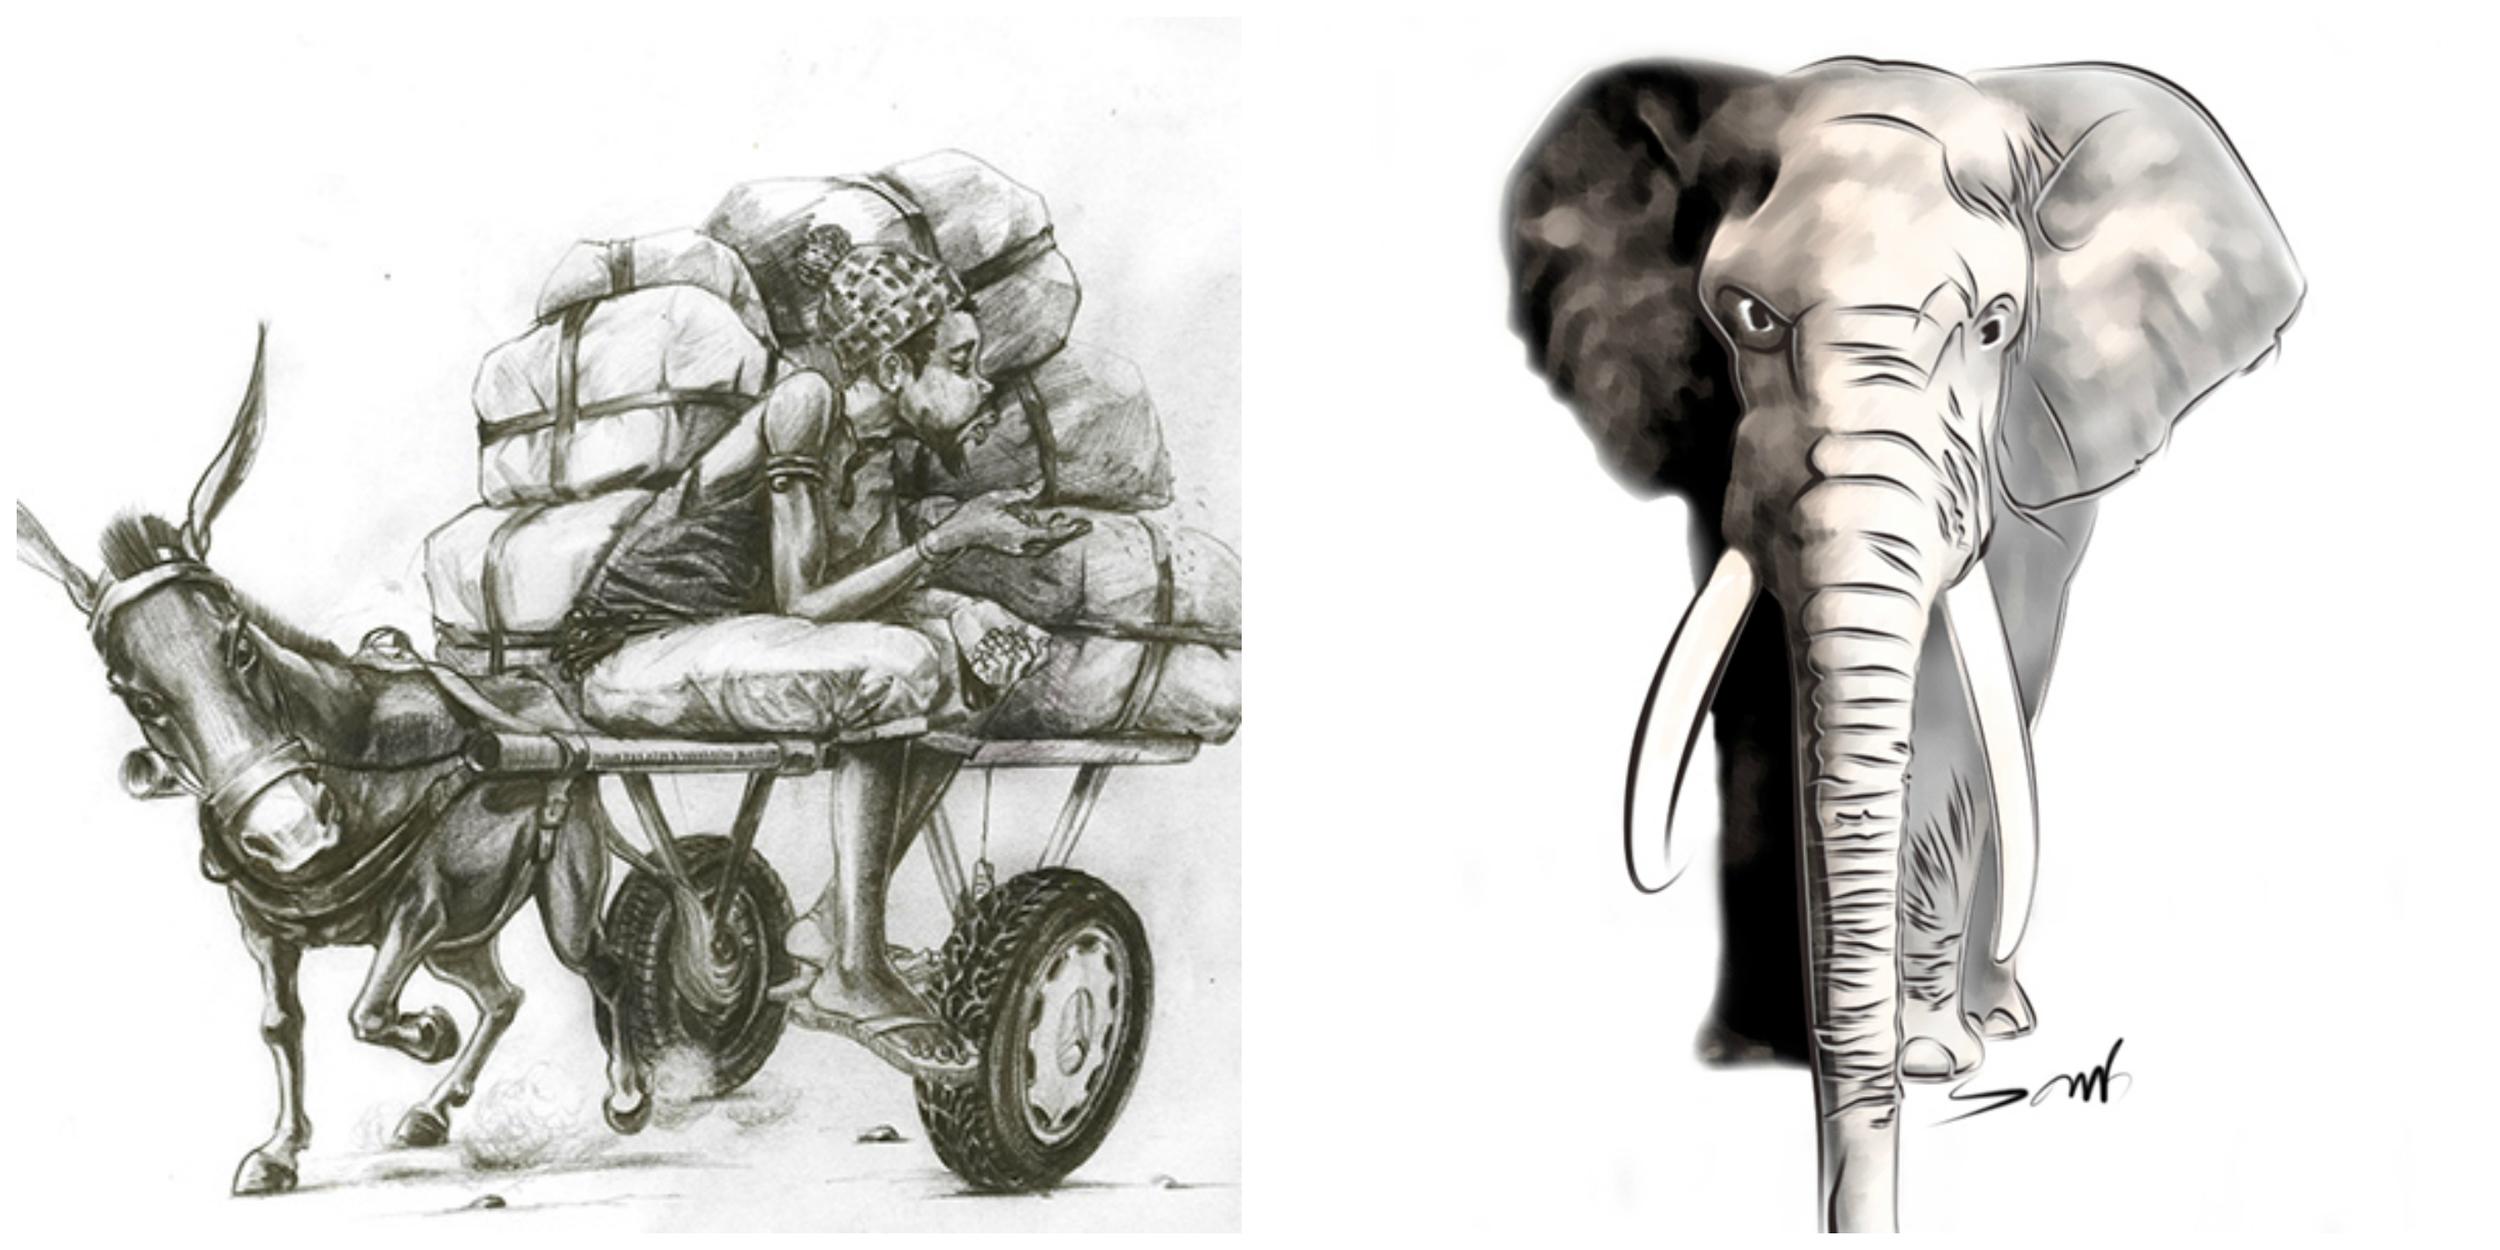 Diaye Guerté (Vendeur d'arachides, Peanut seller) - Laye   Éléphant - Ismaël